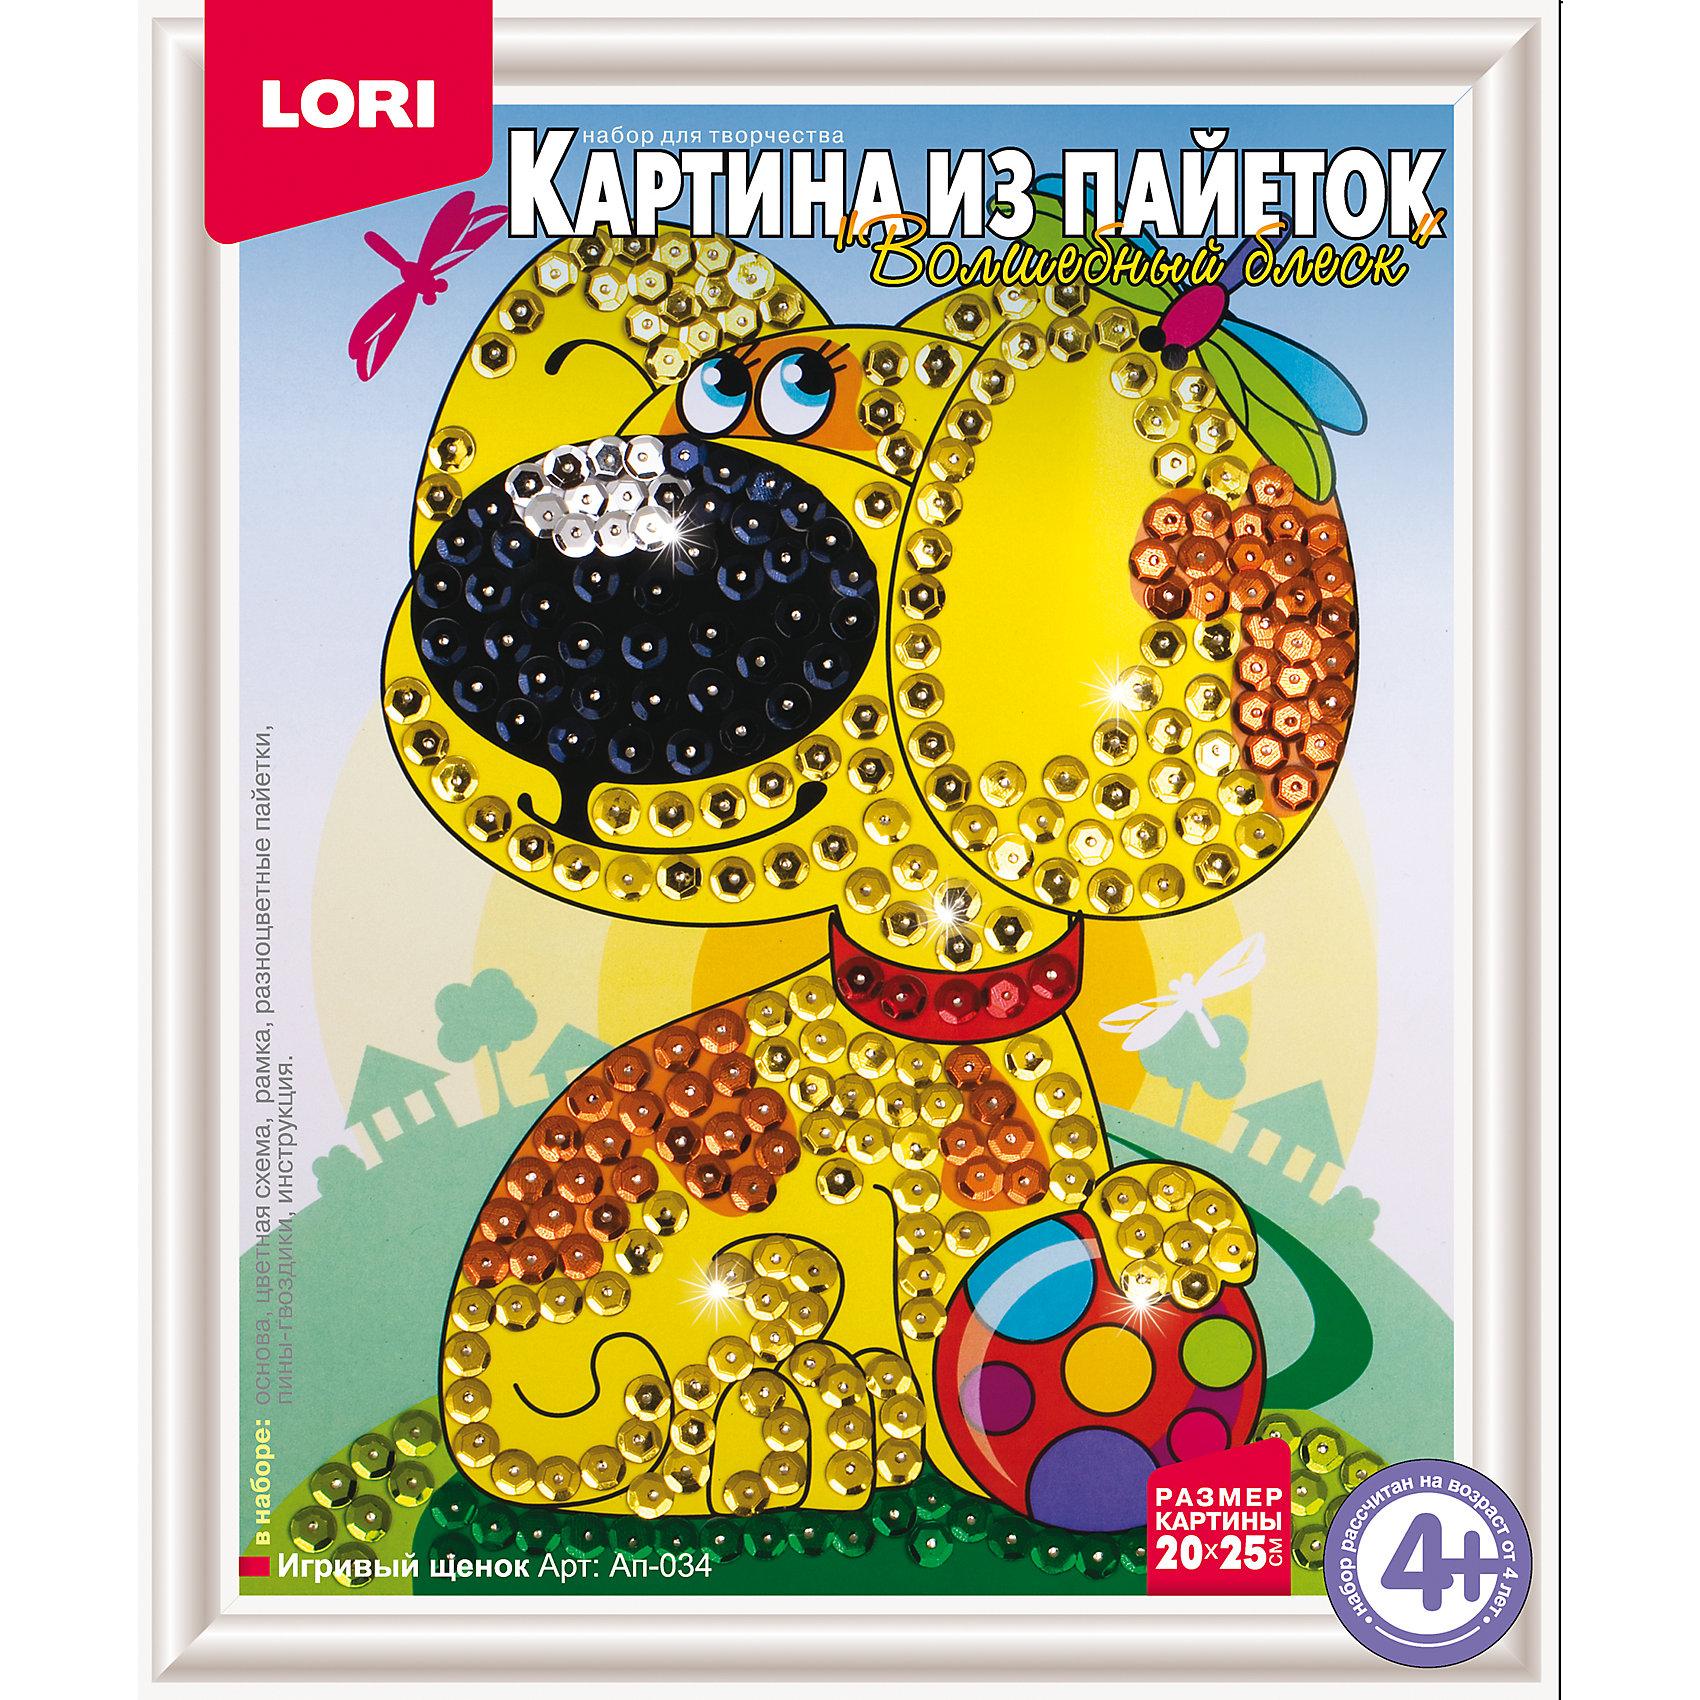 Картина из пайеток Игривый щенокРукоделие<br>Характеристики картины из пайеток Игривый щенок:<br><br>- возраст: от 4 лет<br>- пол: для мальчиков и девочек<br>- цвет: желтый, коричневый, фиолетовый, зеленый, красный.<br>- комплект: основа, цветная схема, рамка, разноцветные пайетки, пины-гвоздики.<br>- материал: картон, пластик, металл.<br>- размер упаковки: 21.5 * 25.6 * 4 см.<br>- упаковка: картонная коробка.<br>- размер картины: 20 * 25 см.<br>- вес: 170 гр.<br>- страна обладатель бренда: Россия.<br><br>Набор Волшебный блеск предназначен для создания картины из пайеток. В комплект есть все необходимое: основа, разноцветные пайетки, гвоздики для их прикрепления, цветная схема, подробная инструкция с описанием последовательности действий, а также рамка, в которую можно поместить готовую картину.<br>Создание картины из пайеток - увлекательный процесс, во время которого ребенок погружается в мир творчества, а также развивает внимательность и усидчивость.<br>На готовой картинке ребенок увидит очаровательного улыбчивого щенка, который мечтательно смотрит в небо.<br> <br>Картину из пайеток Волшебный блеск можно купить в нашем интернет-магазине.<br><br>Ширина мм: 256<br>Глубина мм: 215<br>Высота мм: 40<br>Вес г: 198<br>Возраст от месяцев: 48<br>Возраст до месяцев: 84<br>Пол: Унисекс<br>Возраст: Детский<br>SKU: 5154856